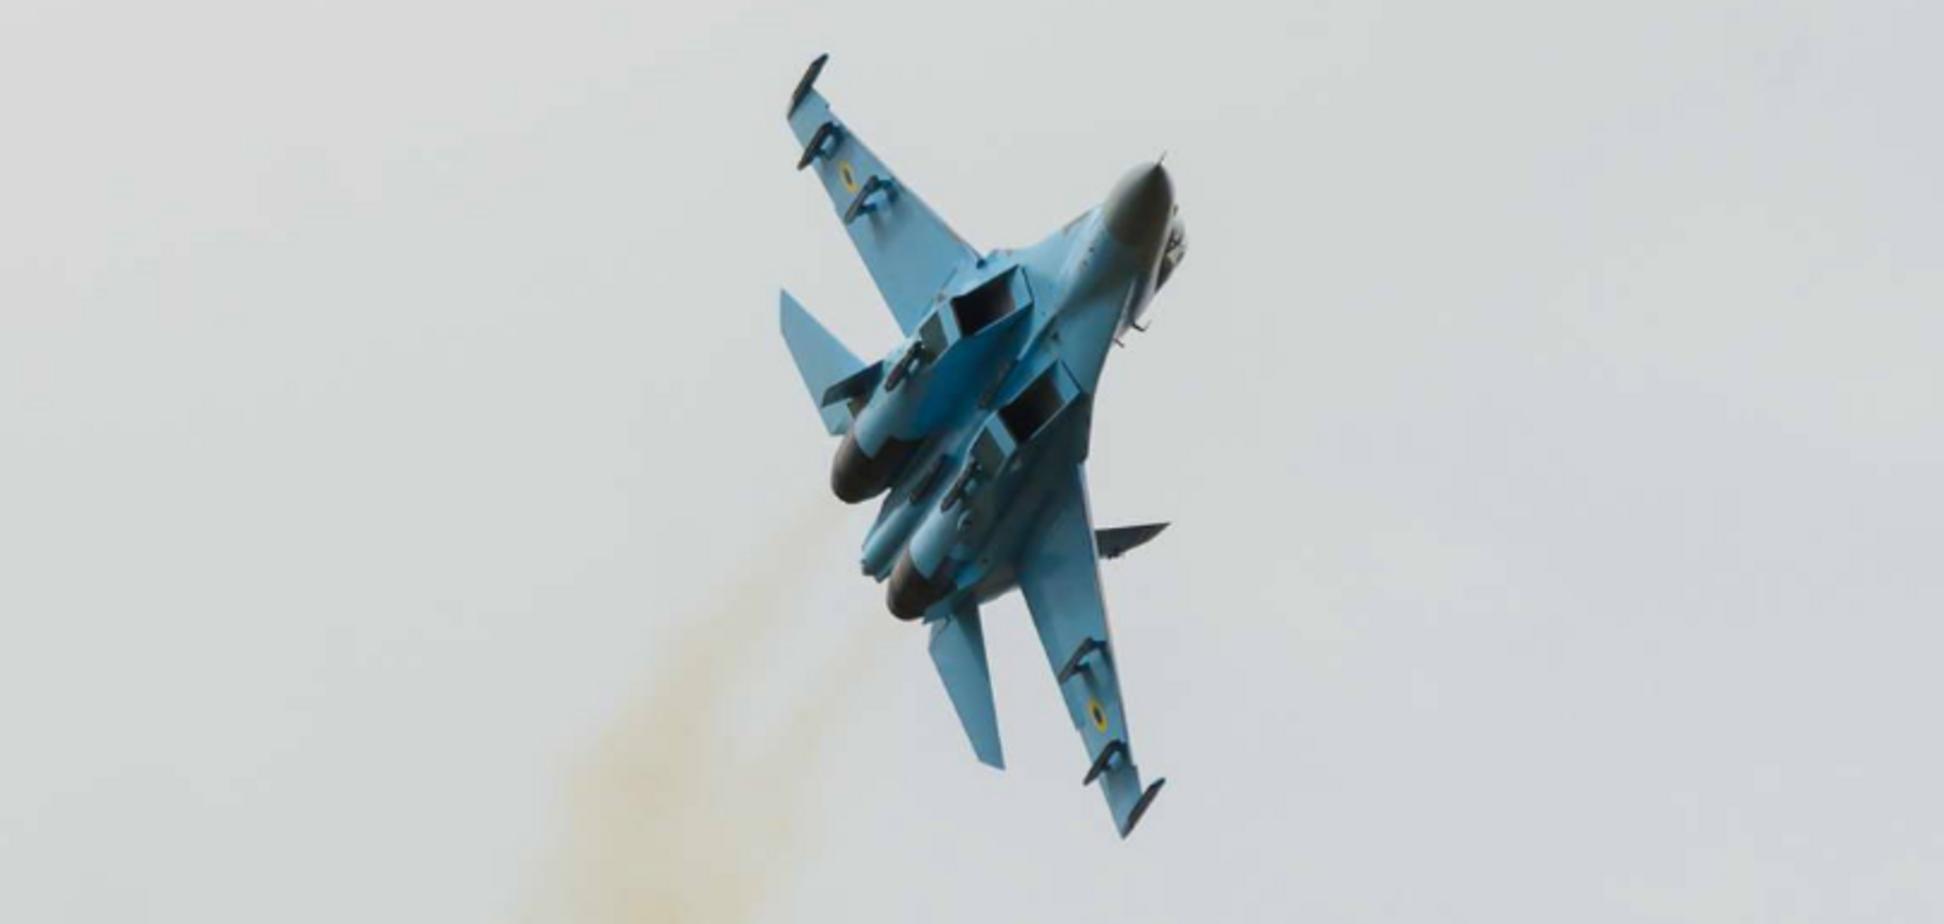 Смертельное крушение военного самолета на Житомирщине: появились новые детали